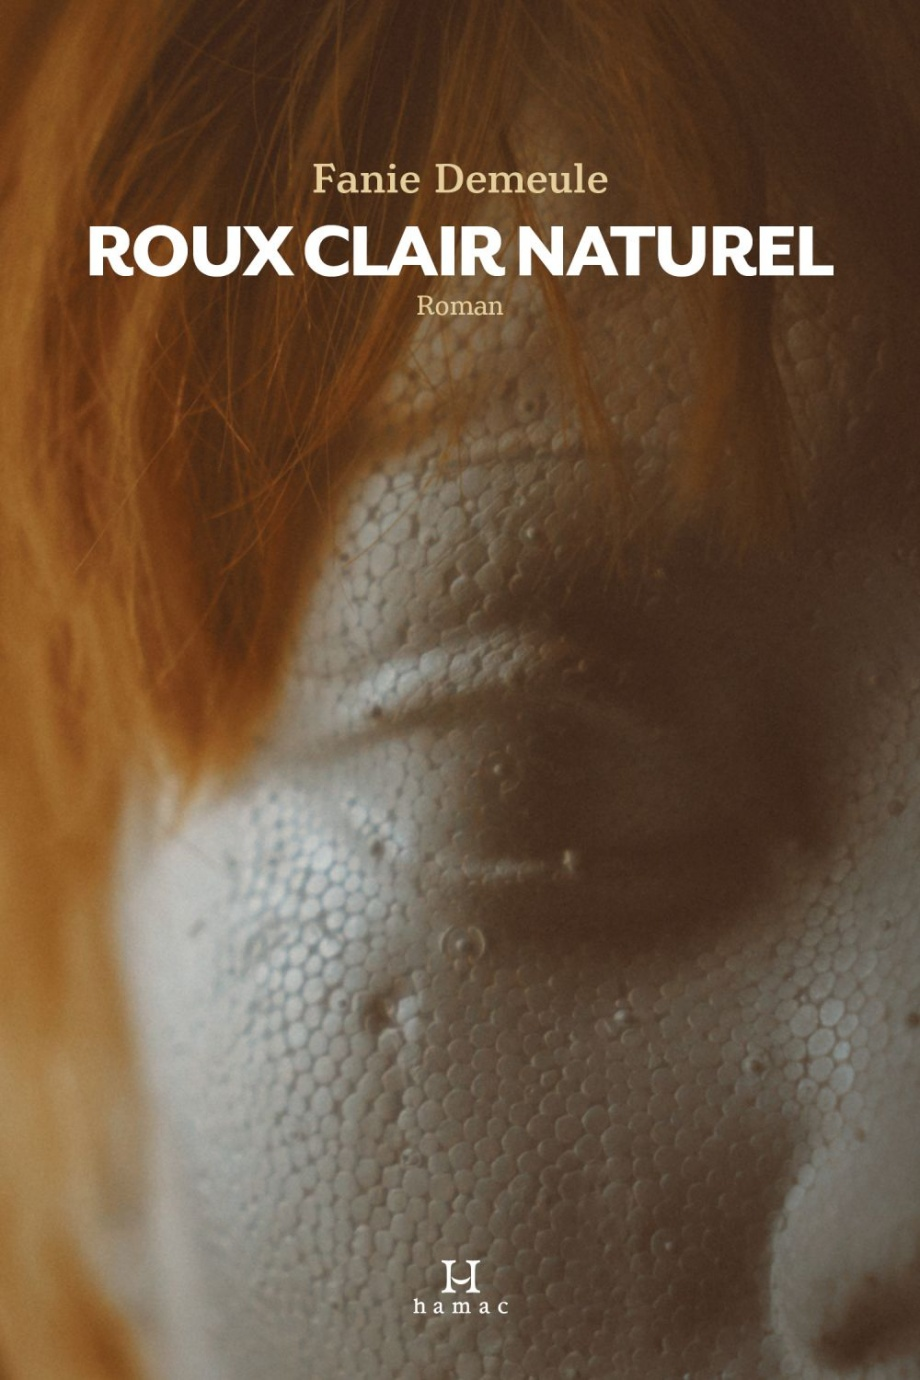 Roux clair naturel